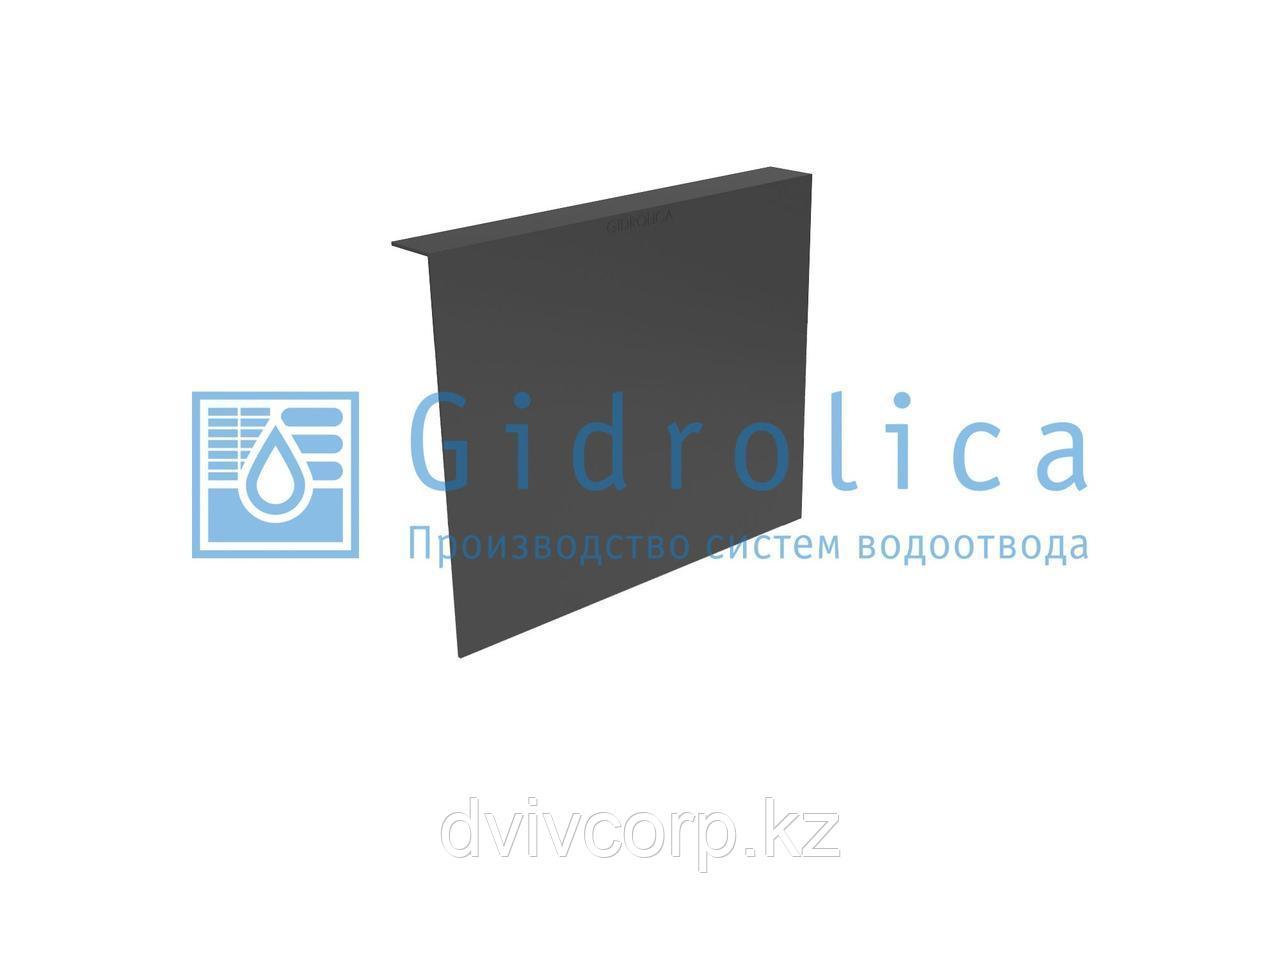 Арт. 211 Перегородка-сифон для дождеприемника Gidrolica Point ДП 40.40 - пластиковый